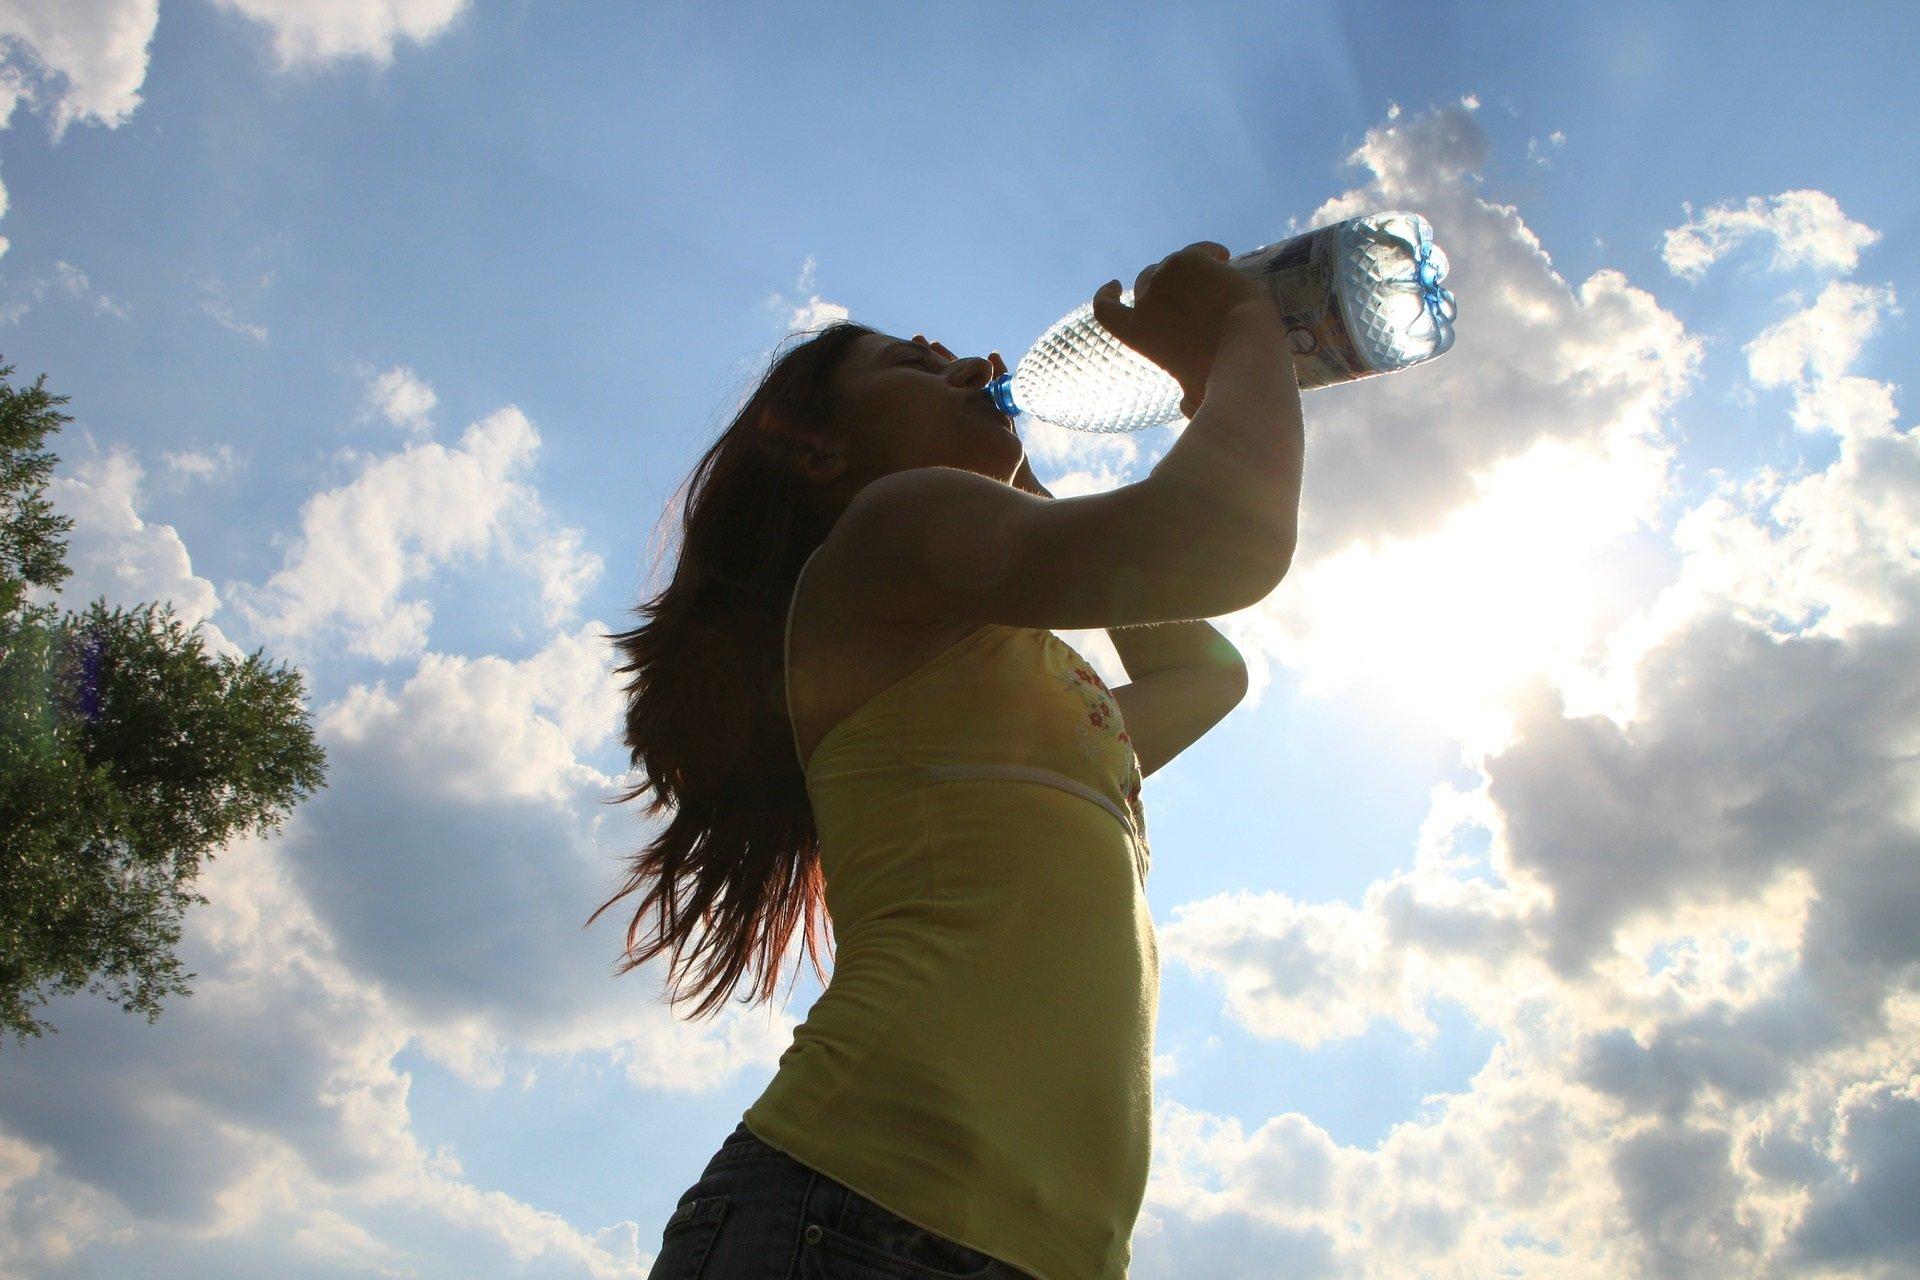 ประโยชน์ของการดื่มน้ำ 5